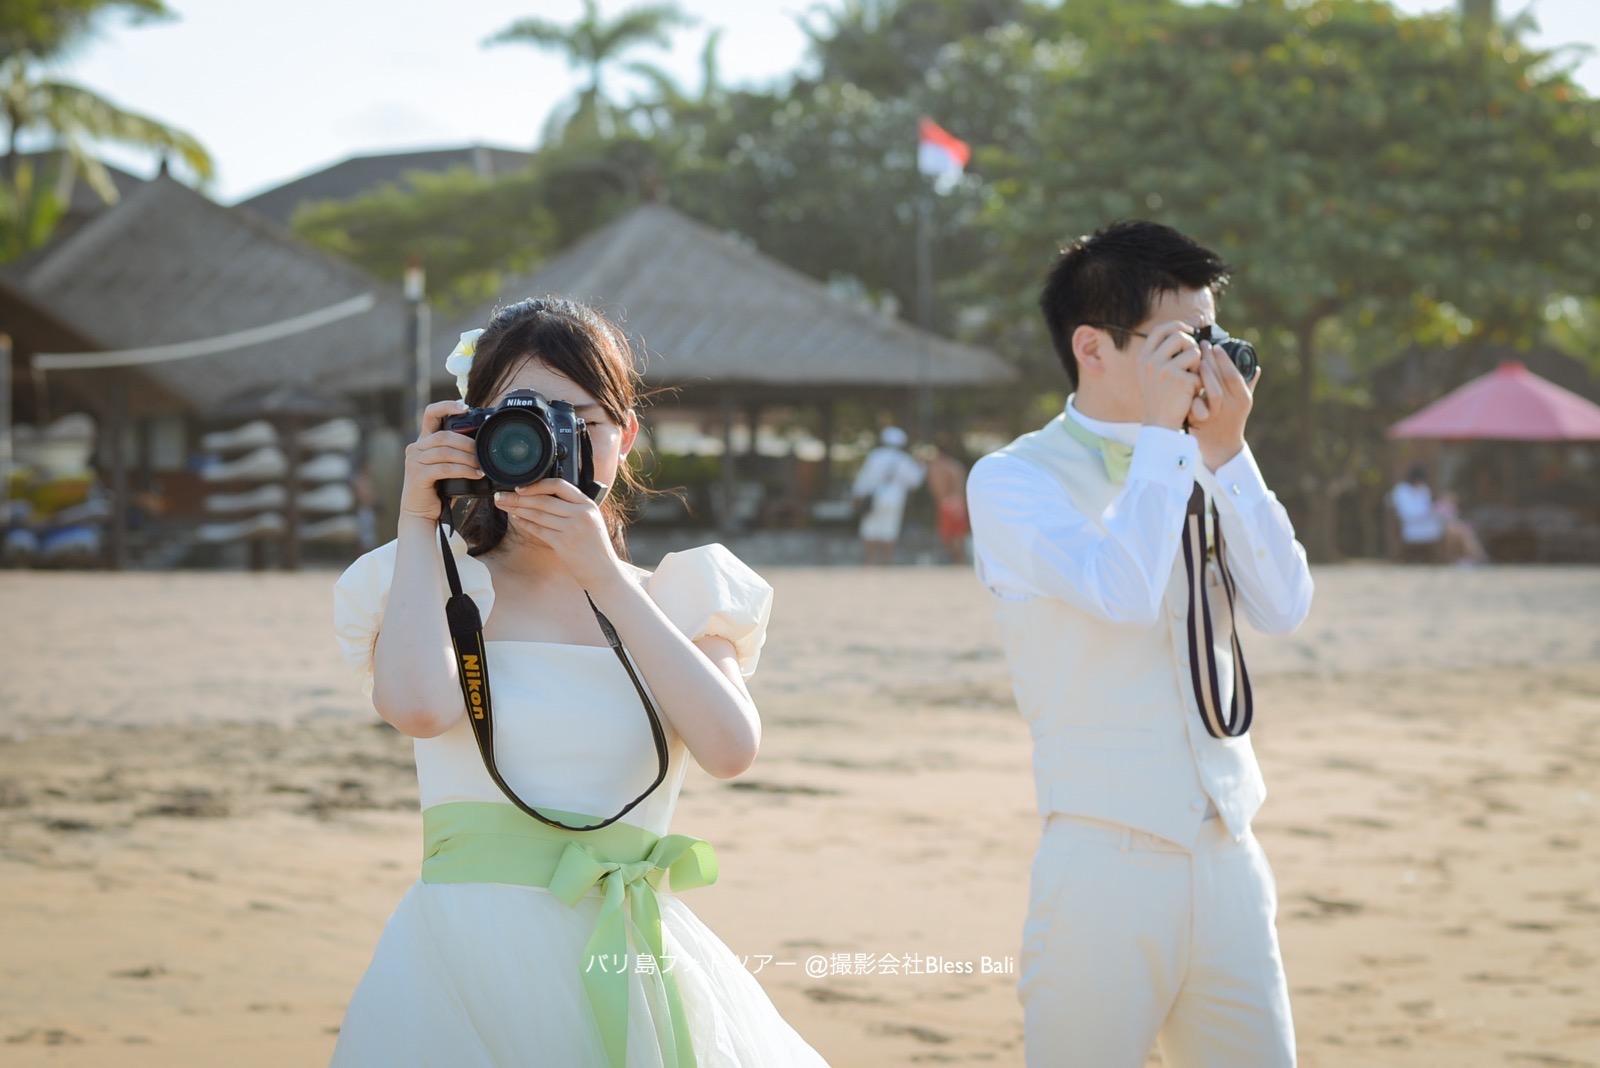 お二人のマイカメラを構えて!